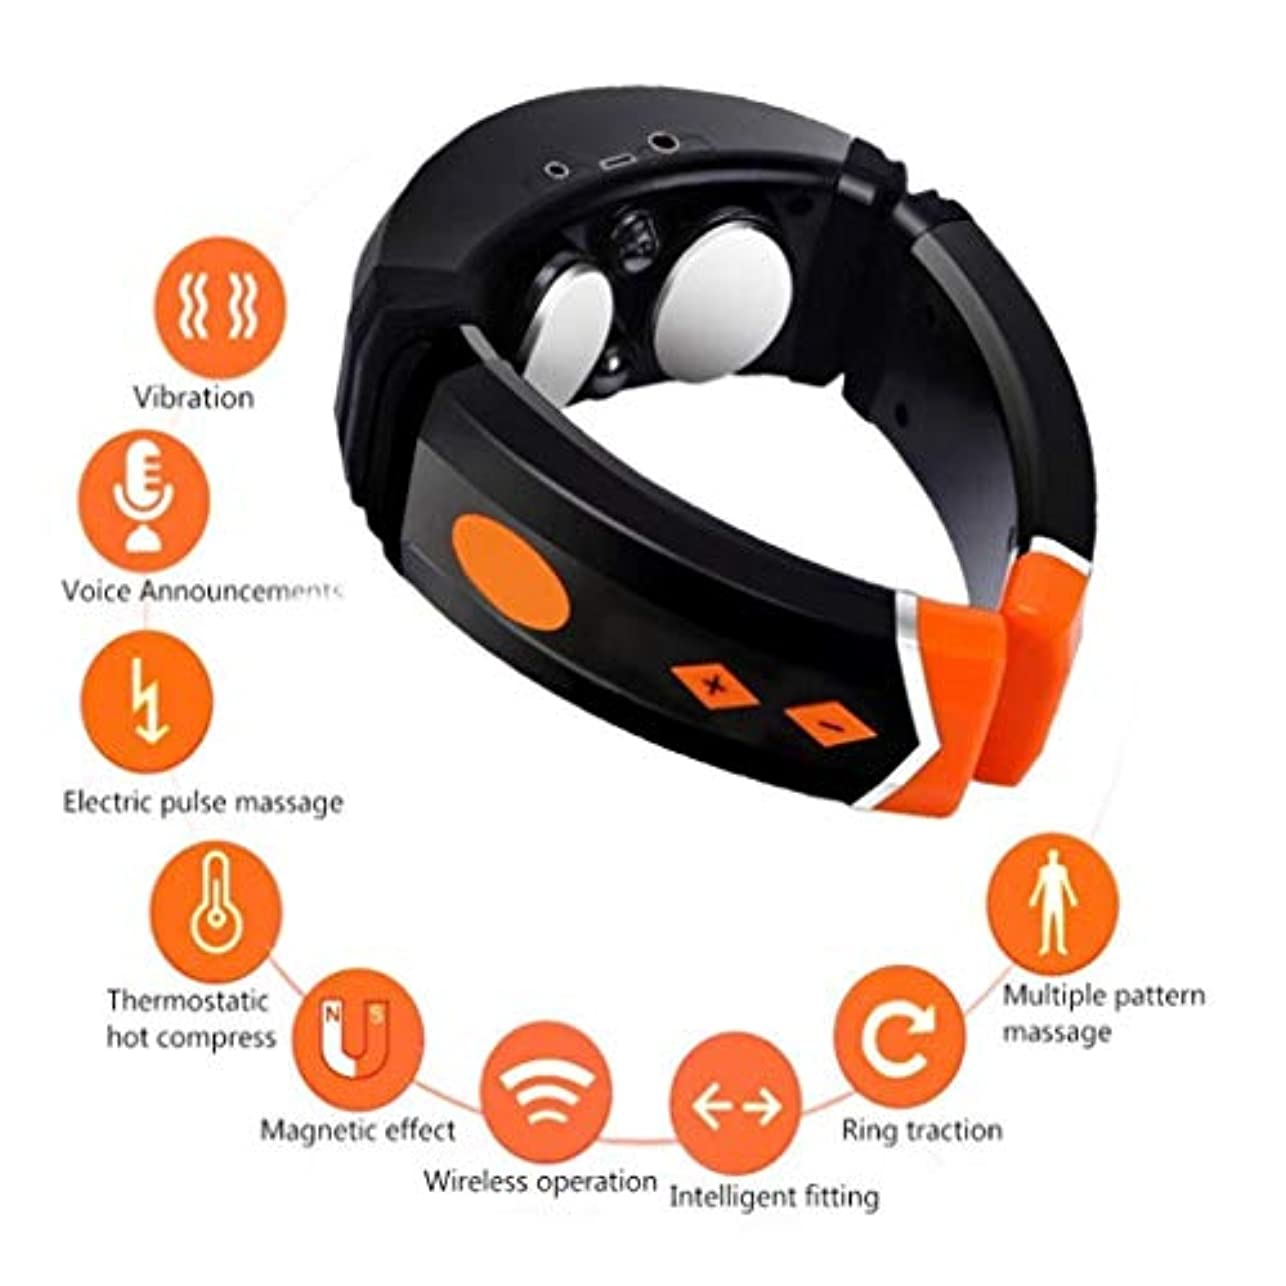 不明瞭反毒準備首のマッサージャー、3D首のマッサージャー、ストレスや痛みを和らげる暖房/音声放送/Bluetooth音楽/多機能マッサージ